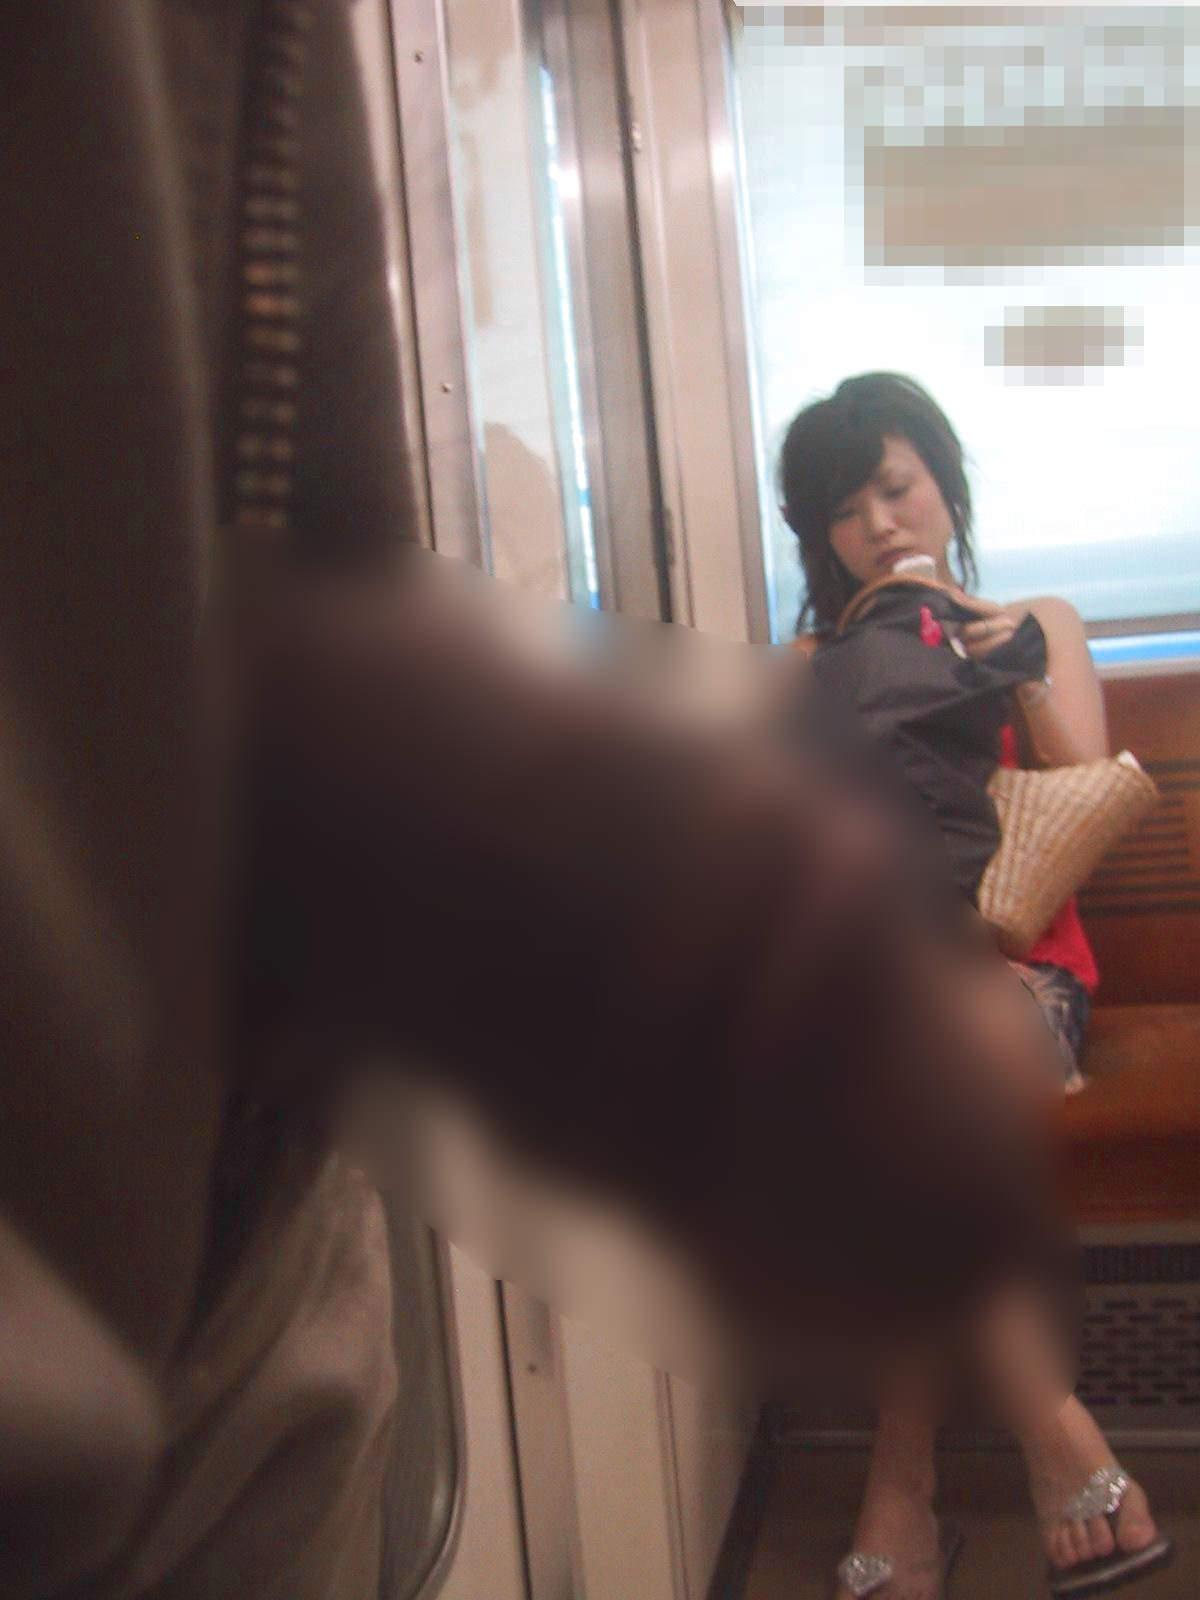 電車でちんこ出して痴漢するガチでヤバい奴現るwwwwwwwwww 0660